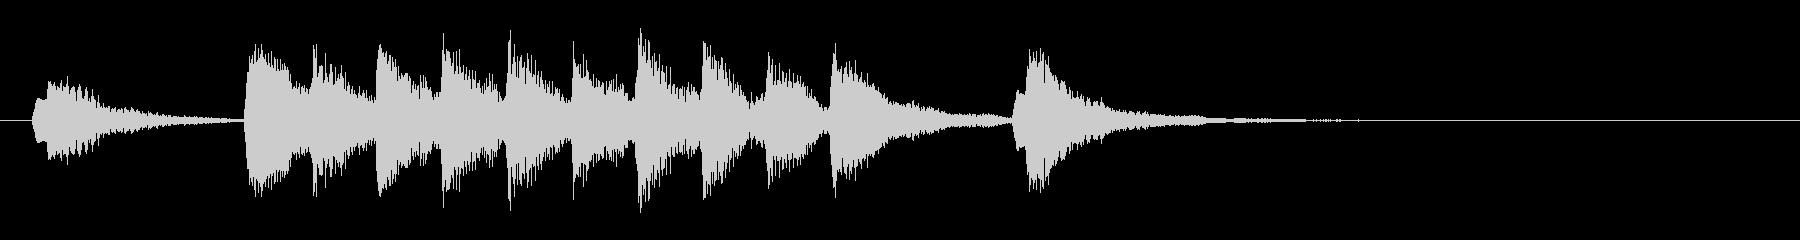 コミカル ほのぼの ジングル 木管 4秒の未再生の波形